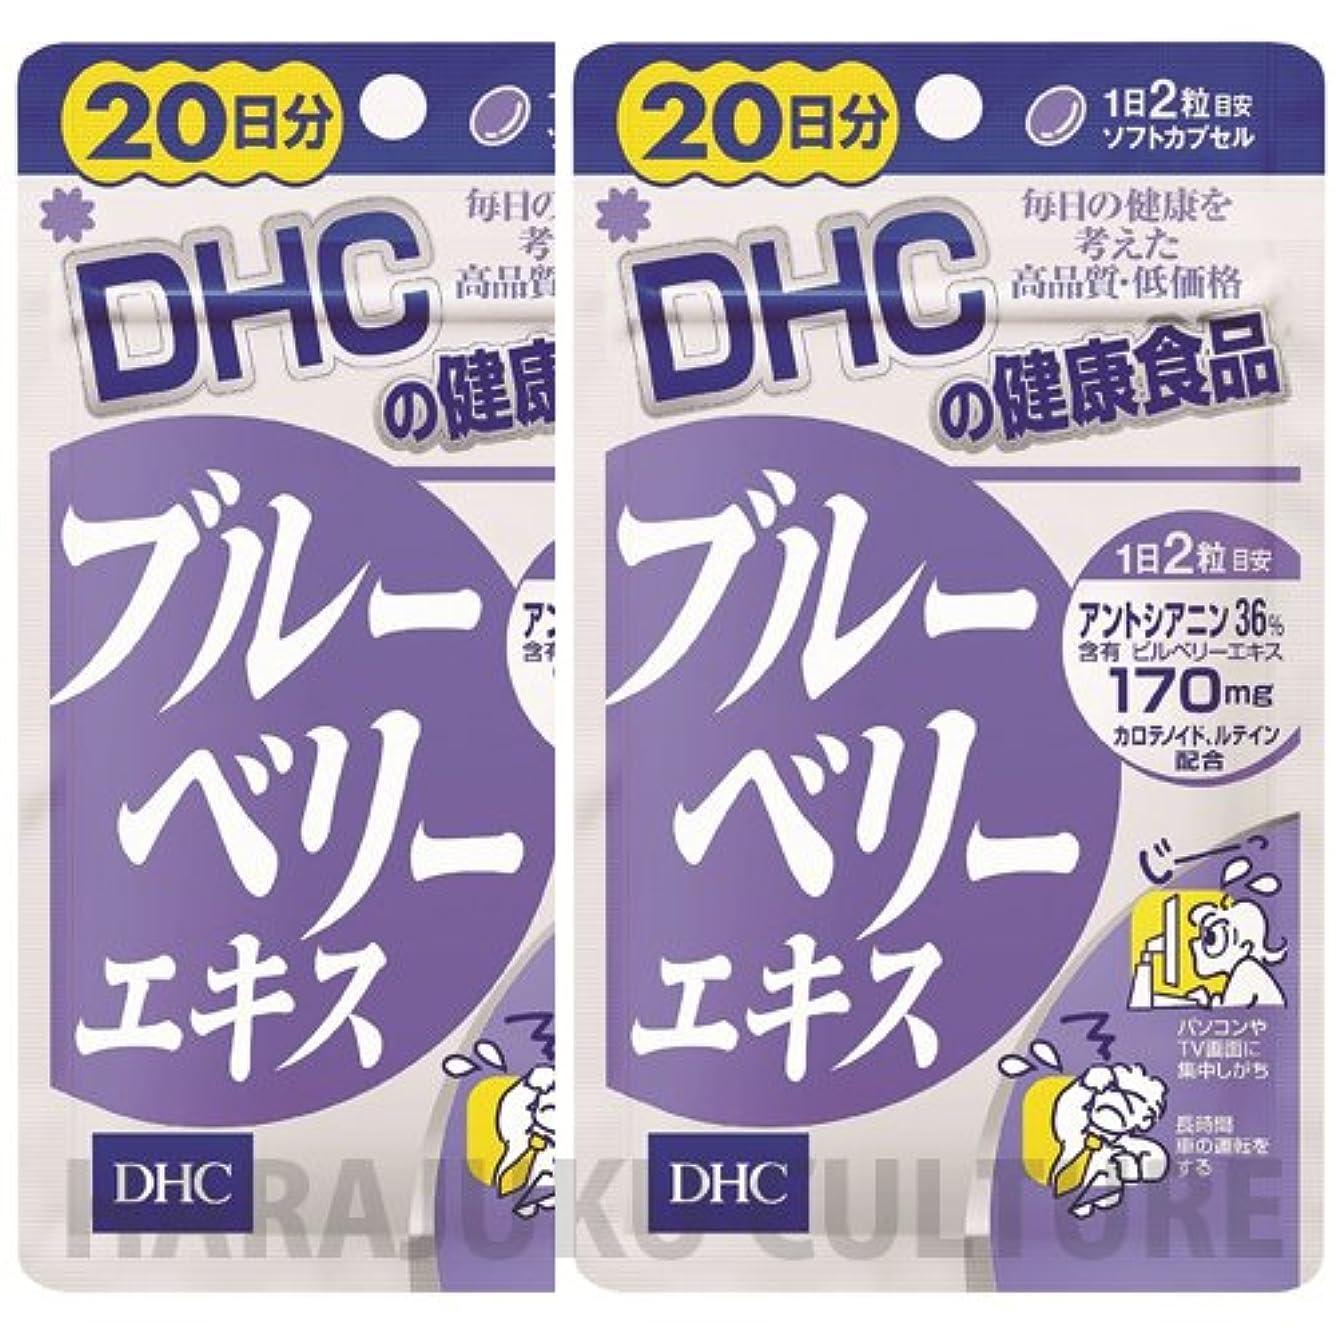 死の顎ヘロイン発火するDHC ダイエットパワー 20日分 60粒